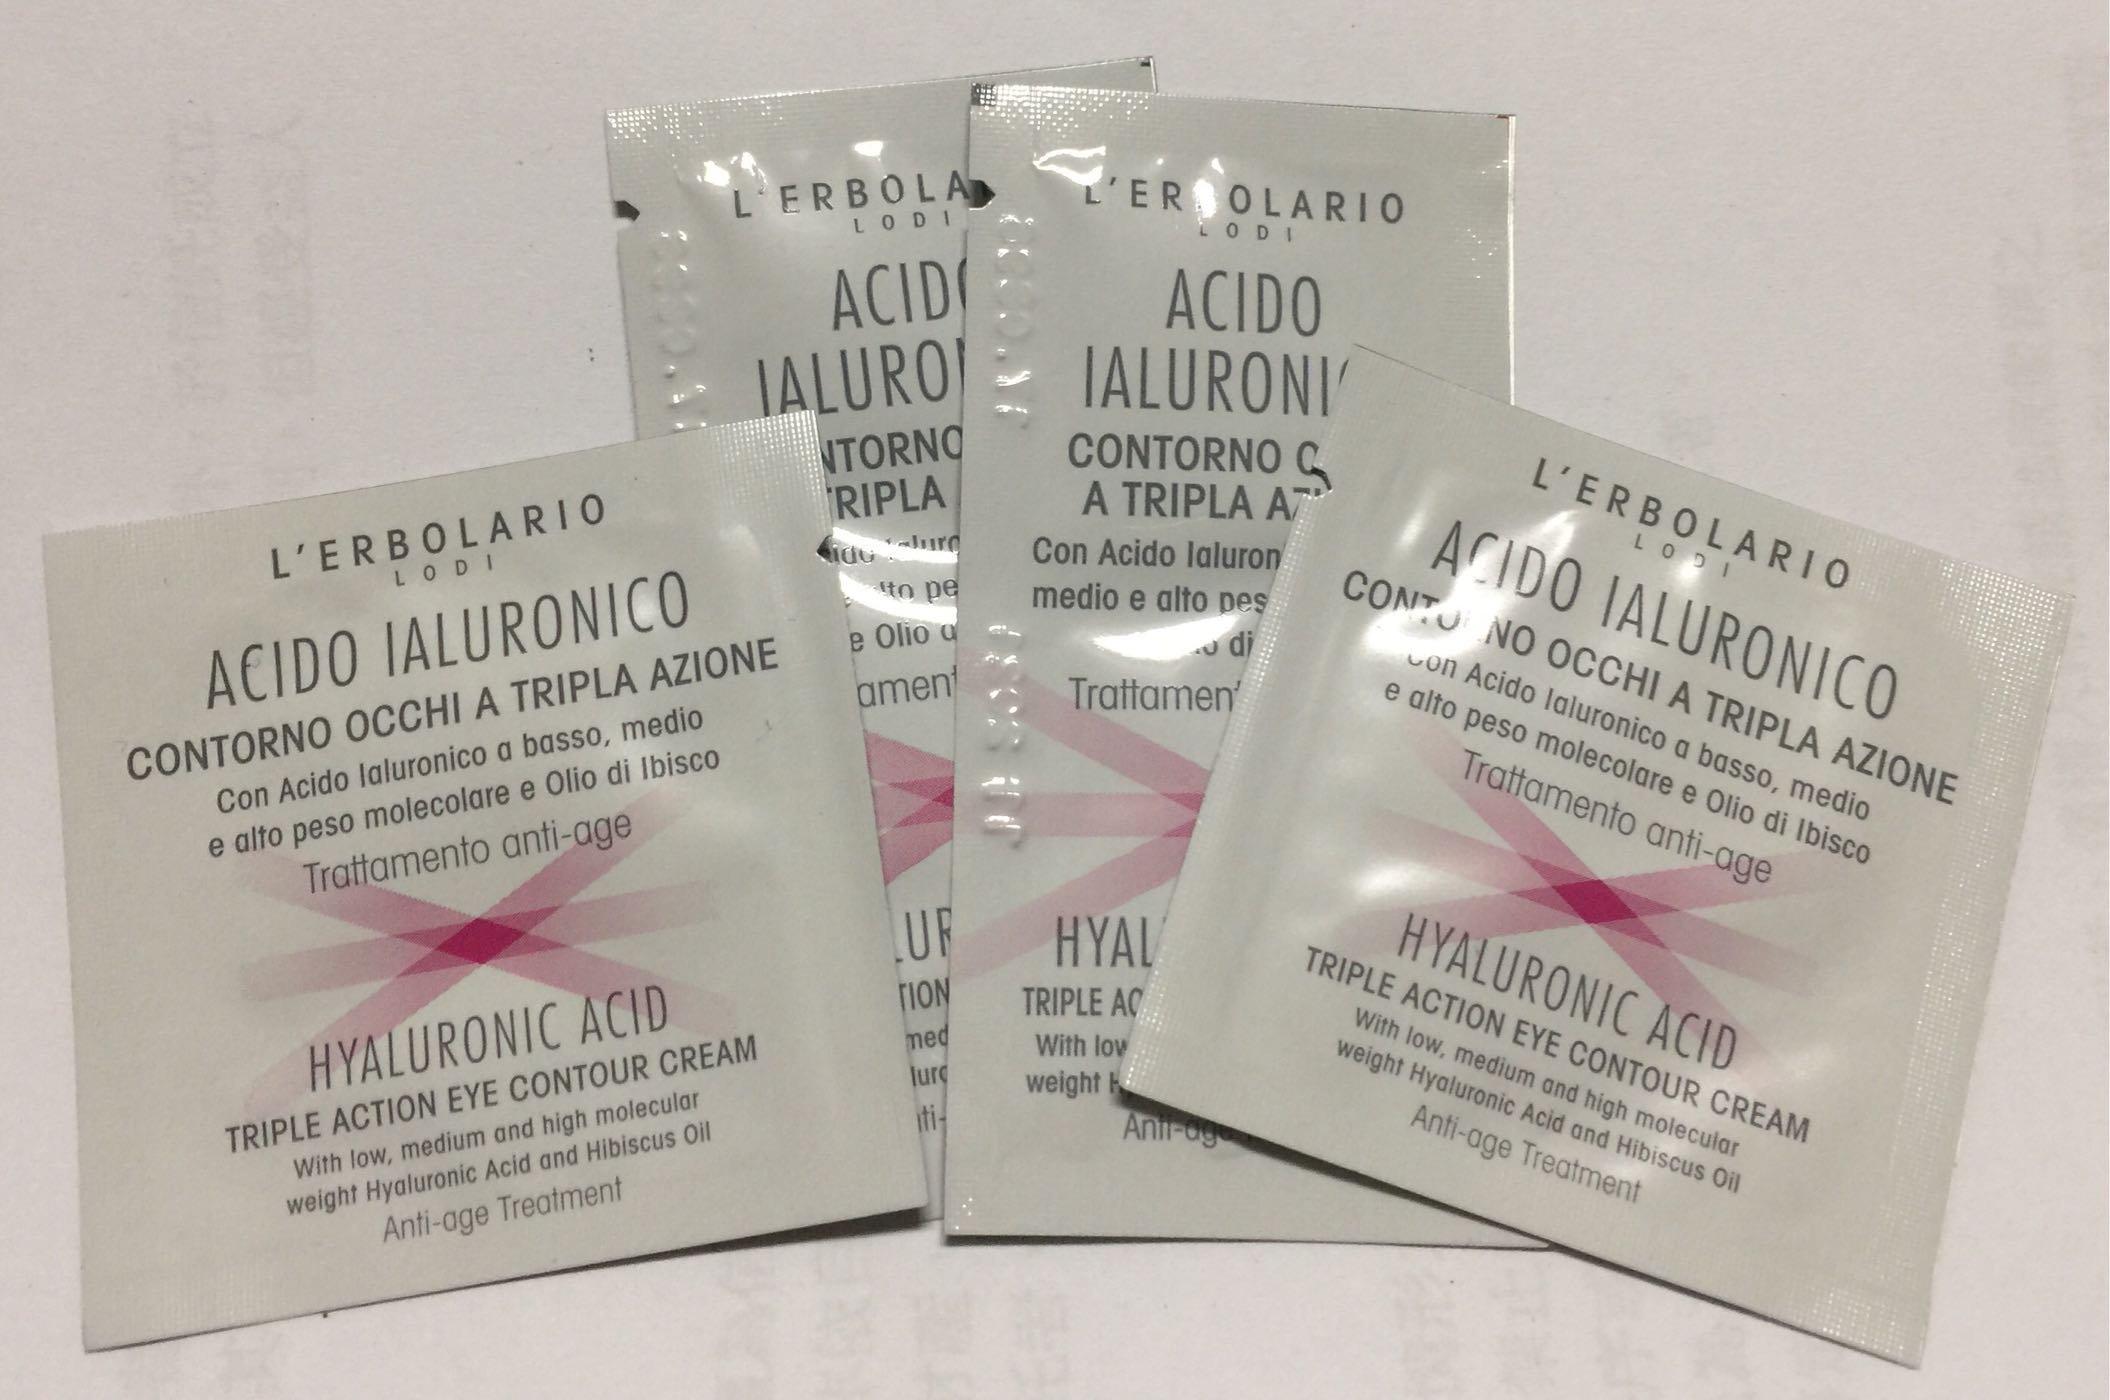 【草本生活‧蕾莉歐】三重透明質酸精華眼霜試用包1ML~特價$15元/包 滿$1000免運